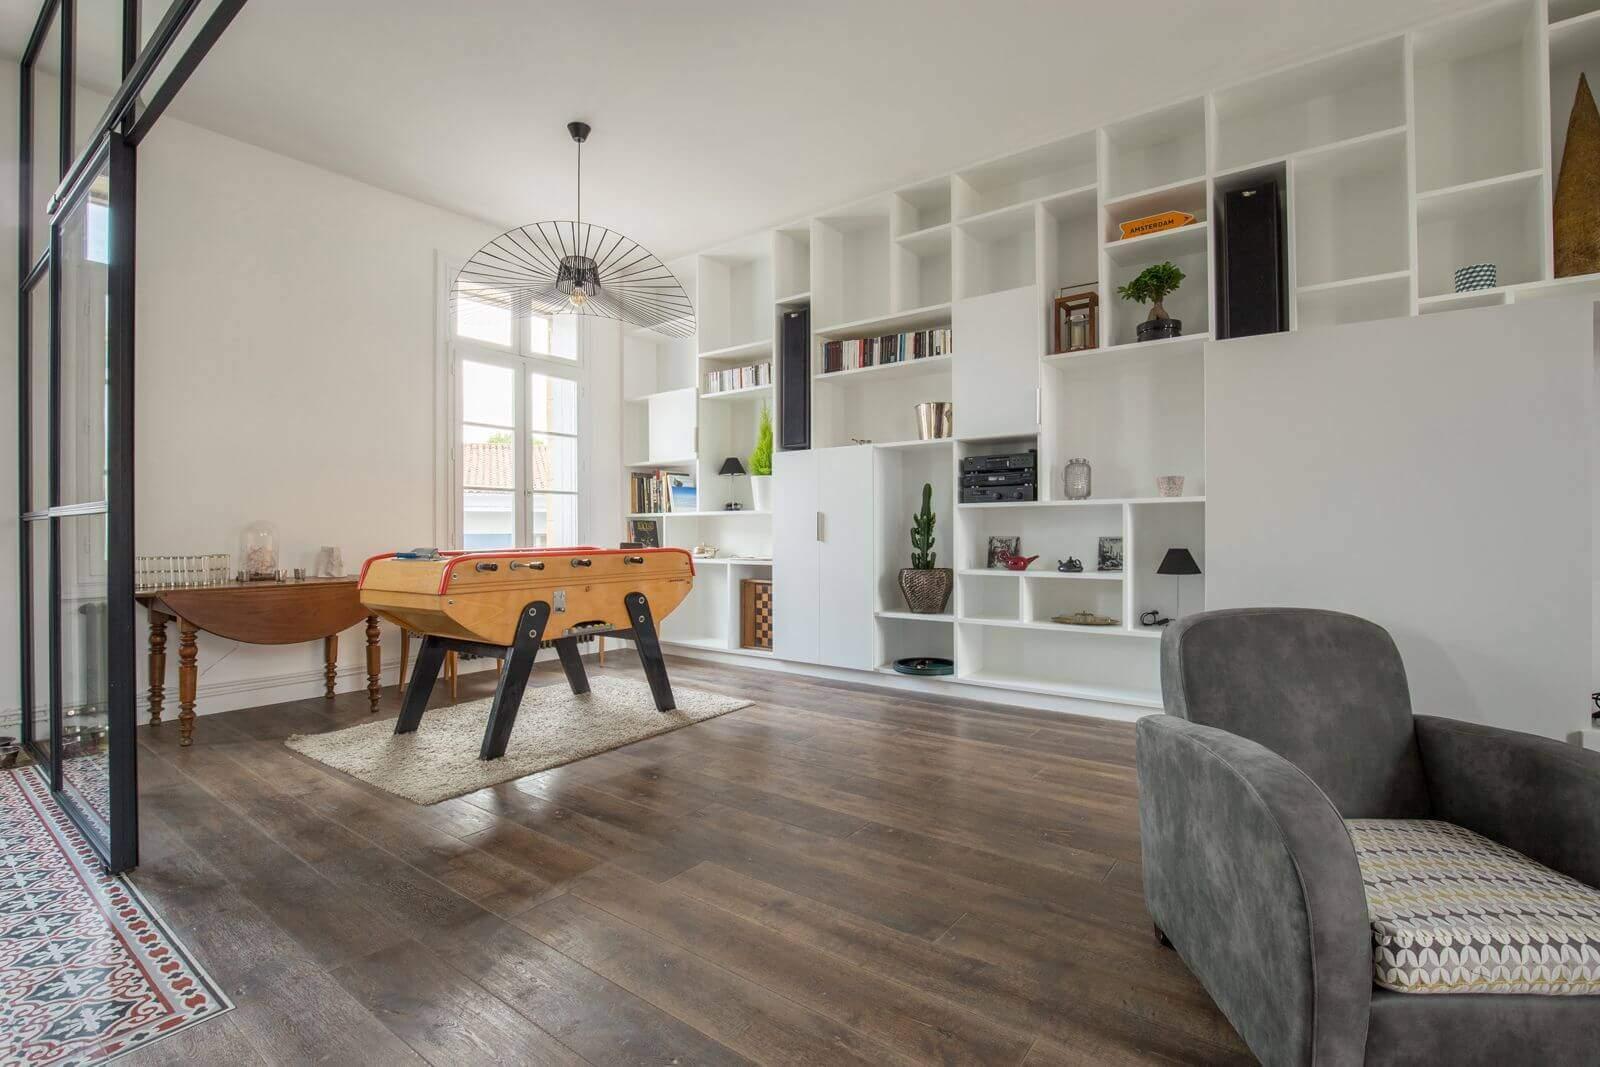 Современные апартаменты на месте старой квартиры в Монпелье, Франция